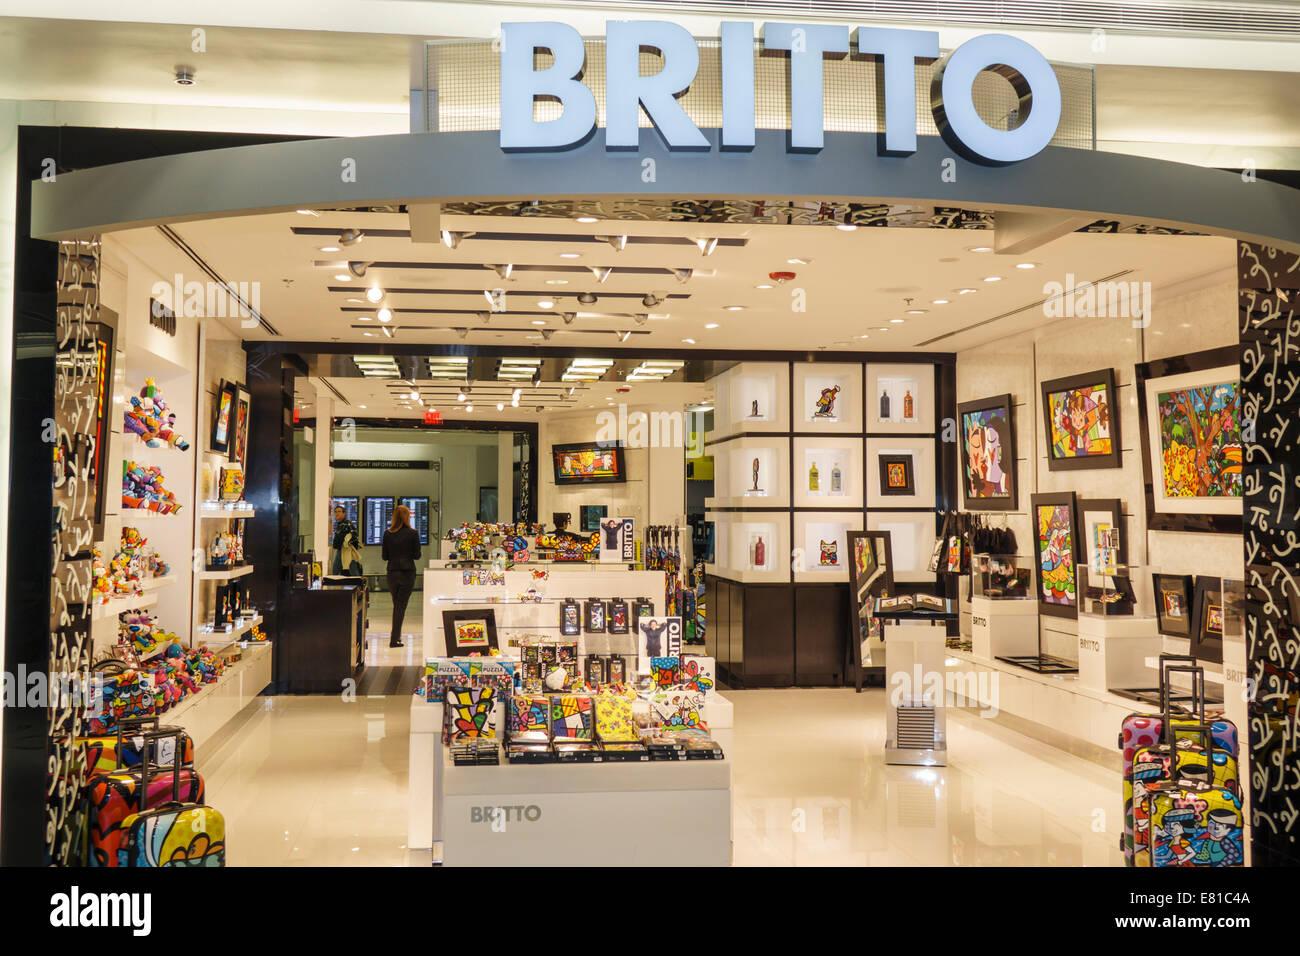 Britto Store Miami Beach